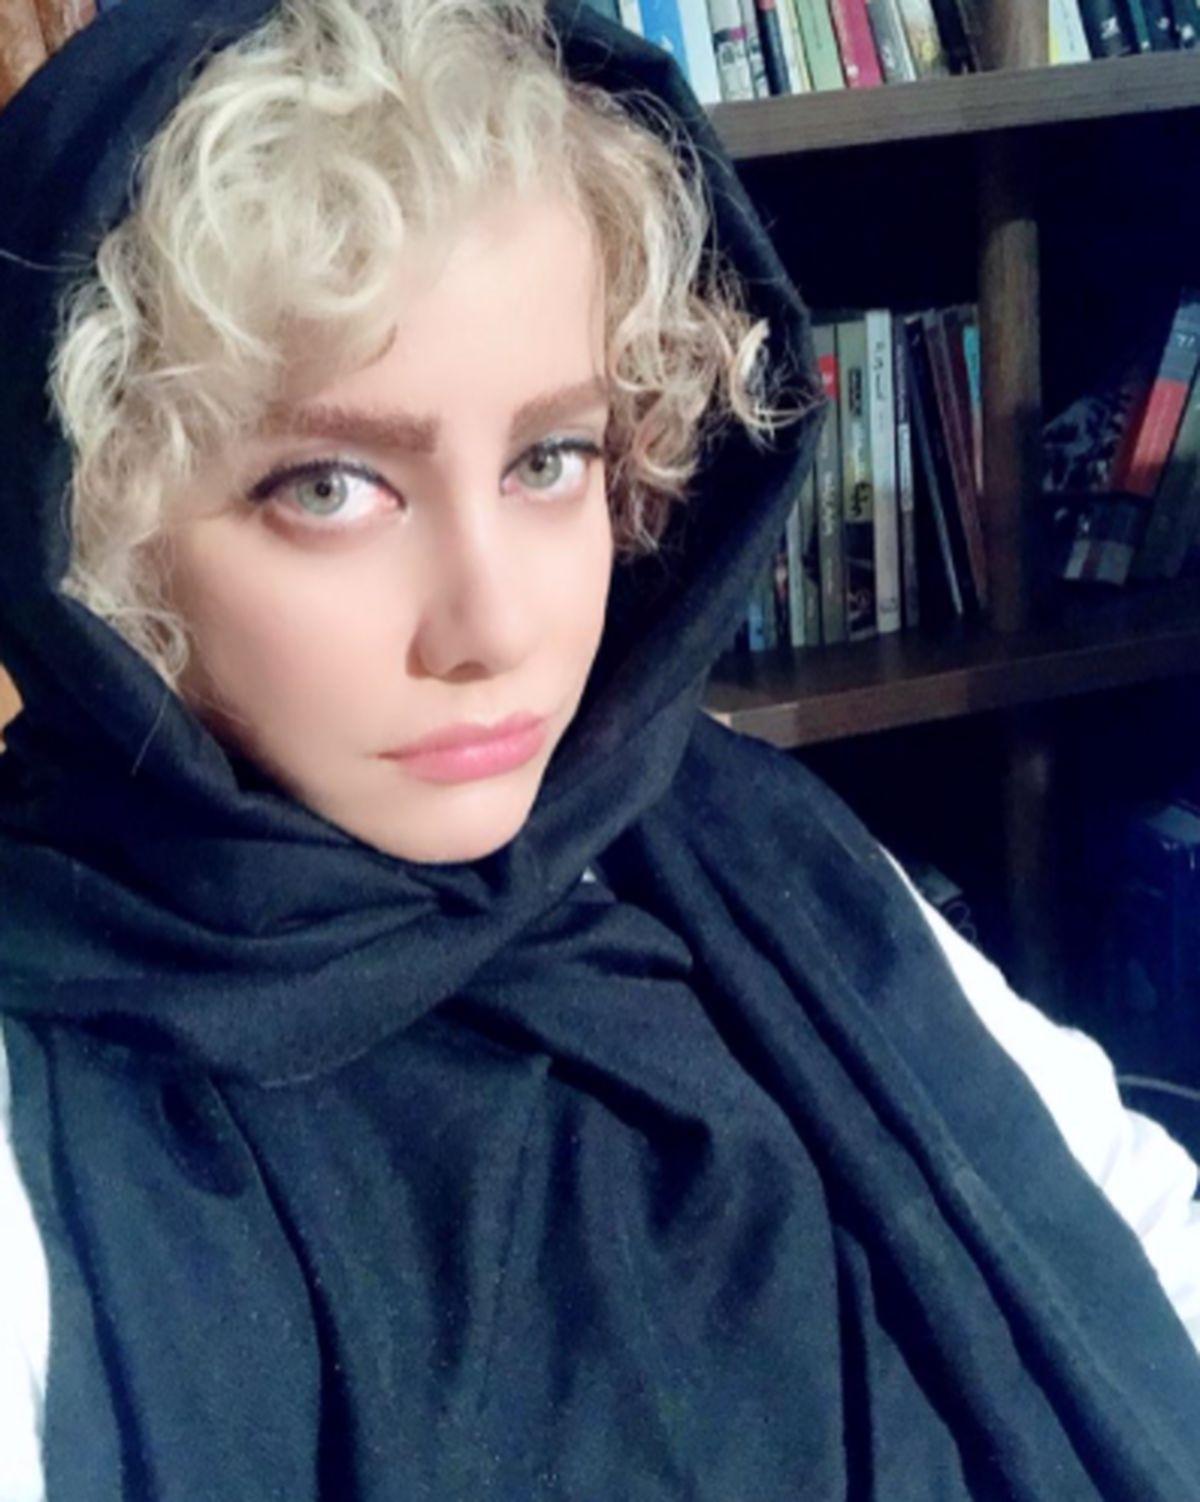 تیپ و چهره شراره رخام در باشگاه بدنسازی + فیلم